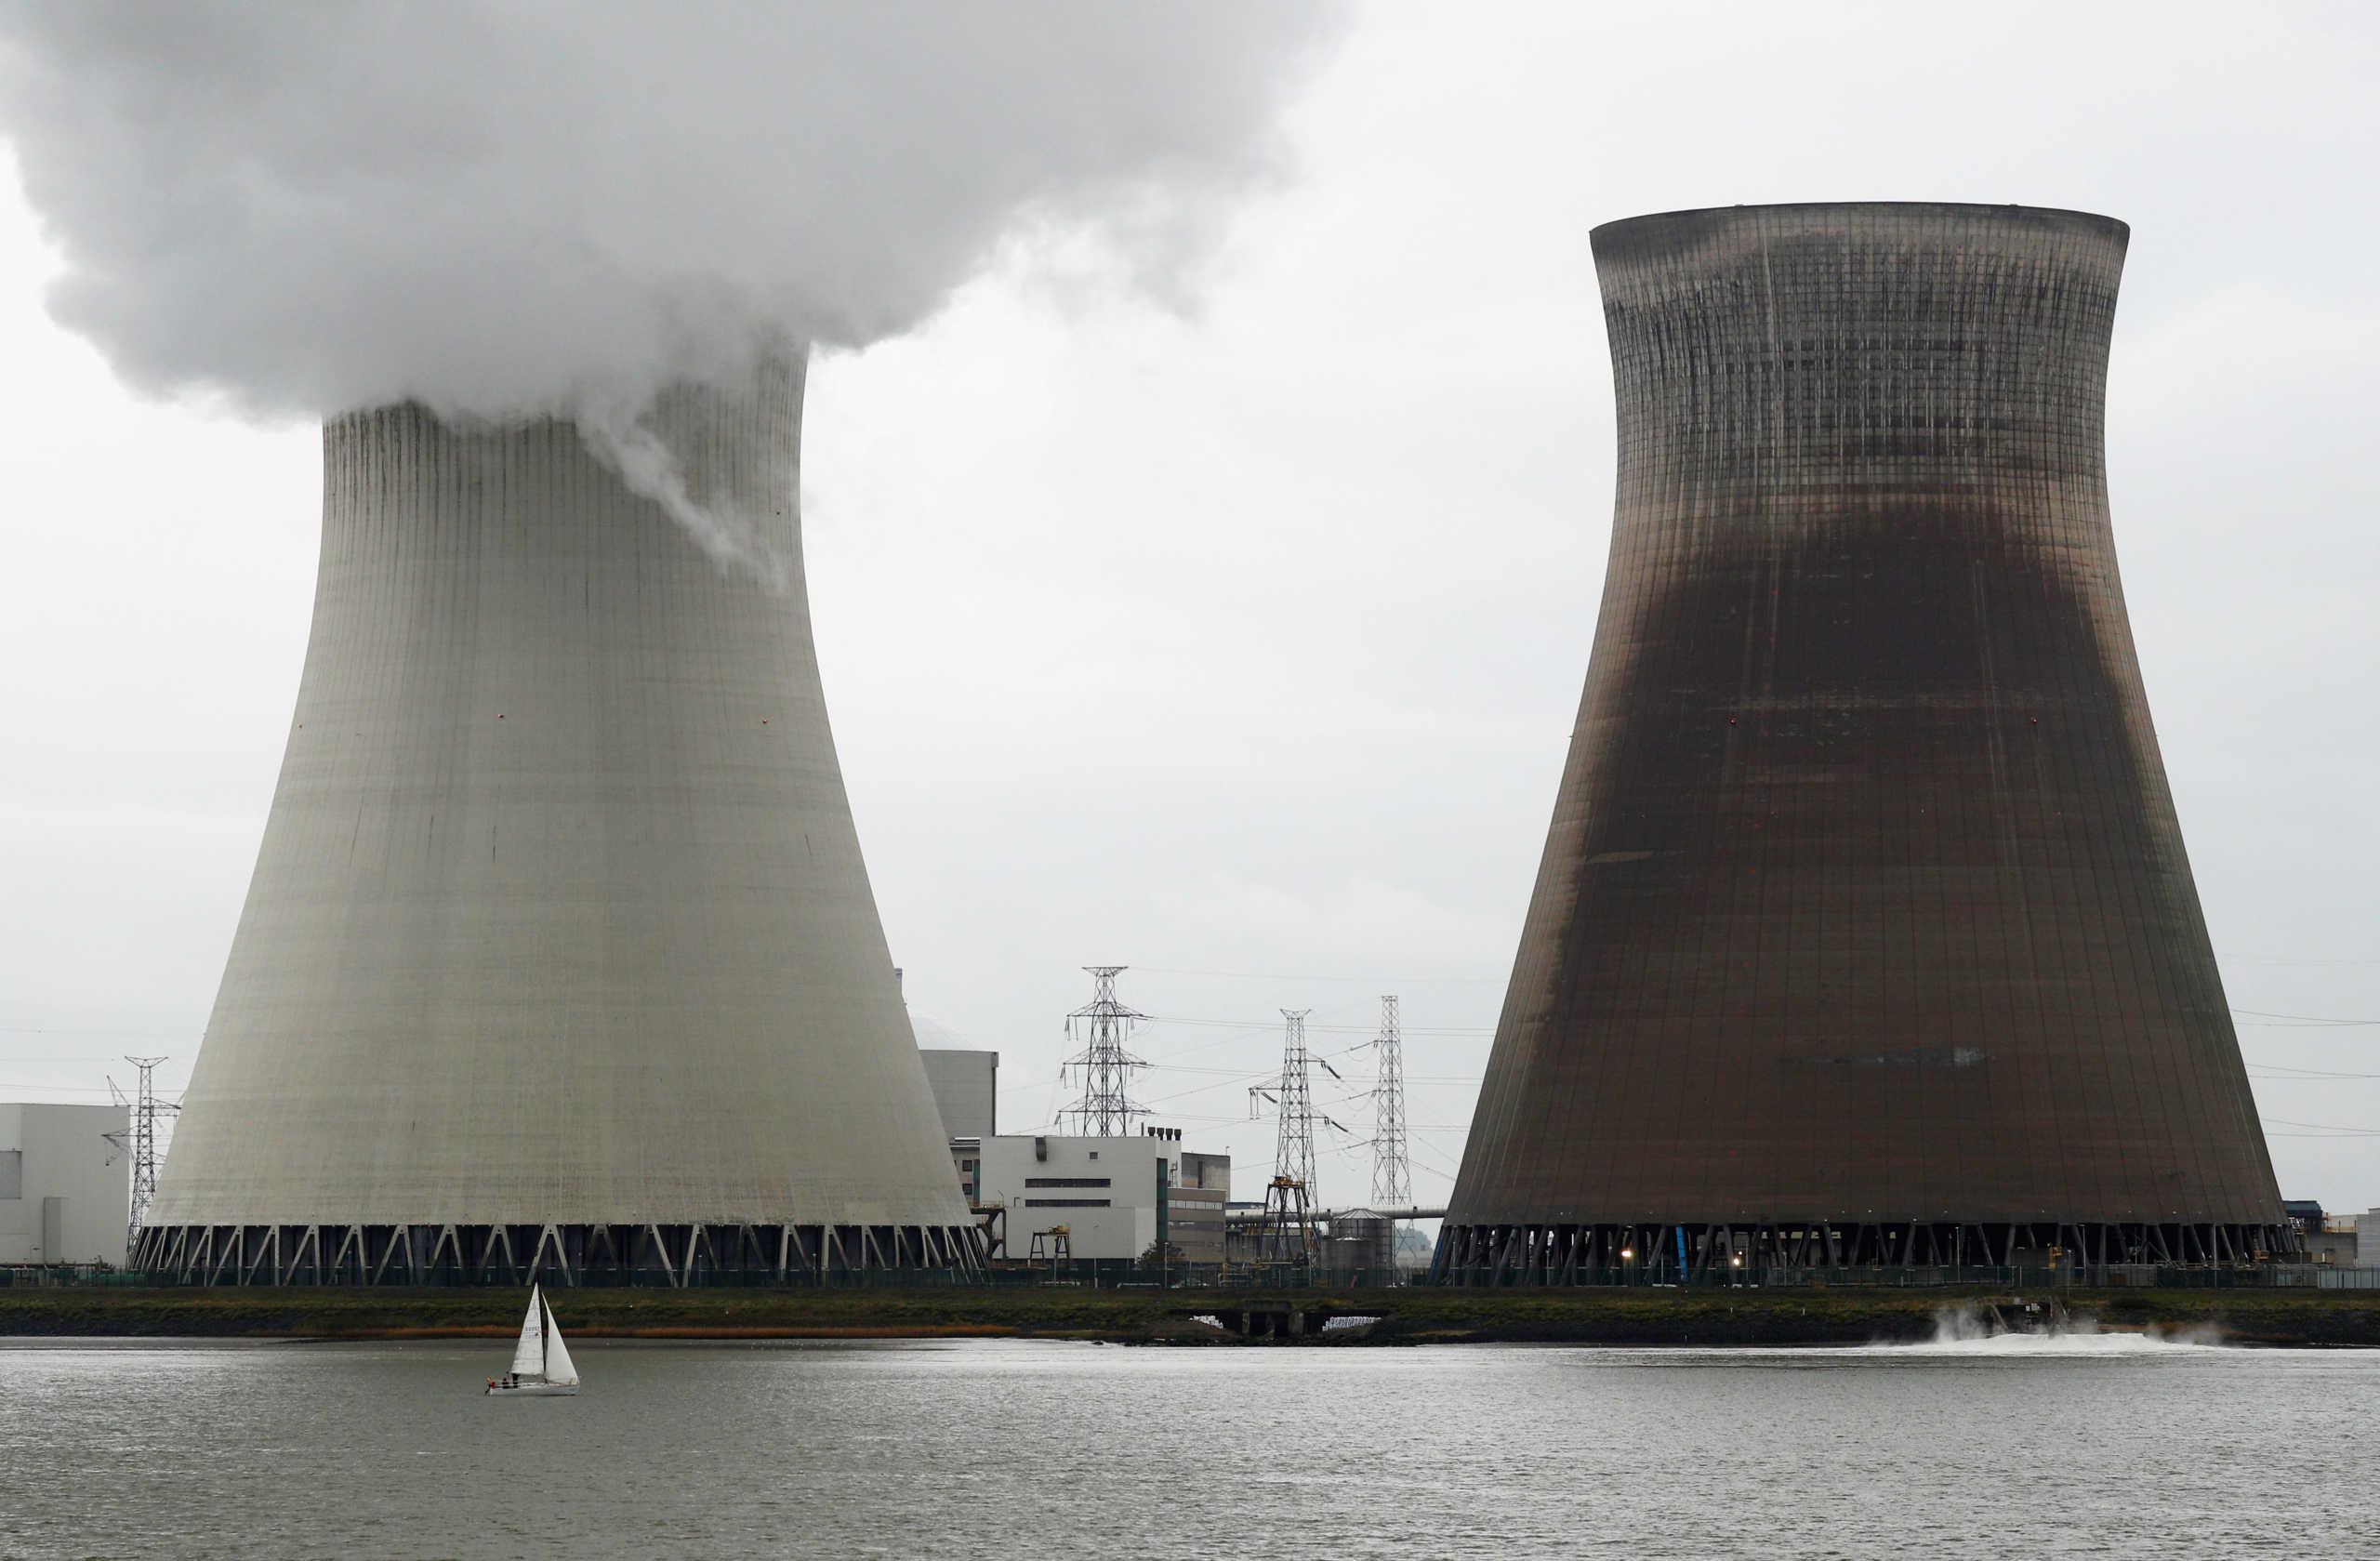 πυρηνικό εργοστάσιο στην Αντβέρπη